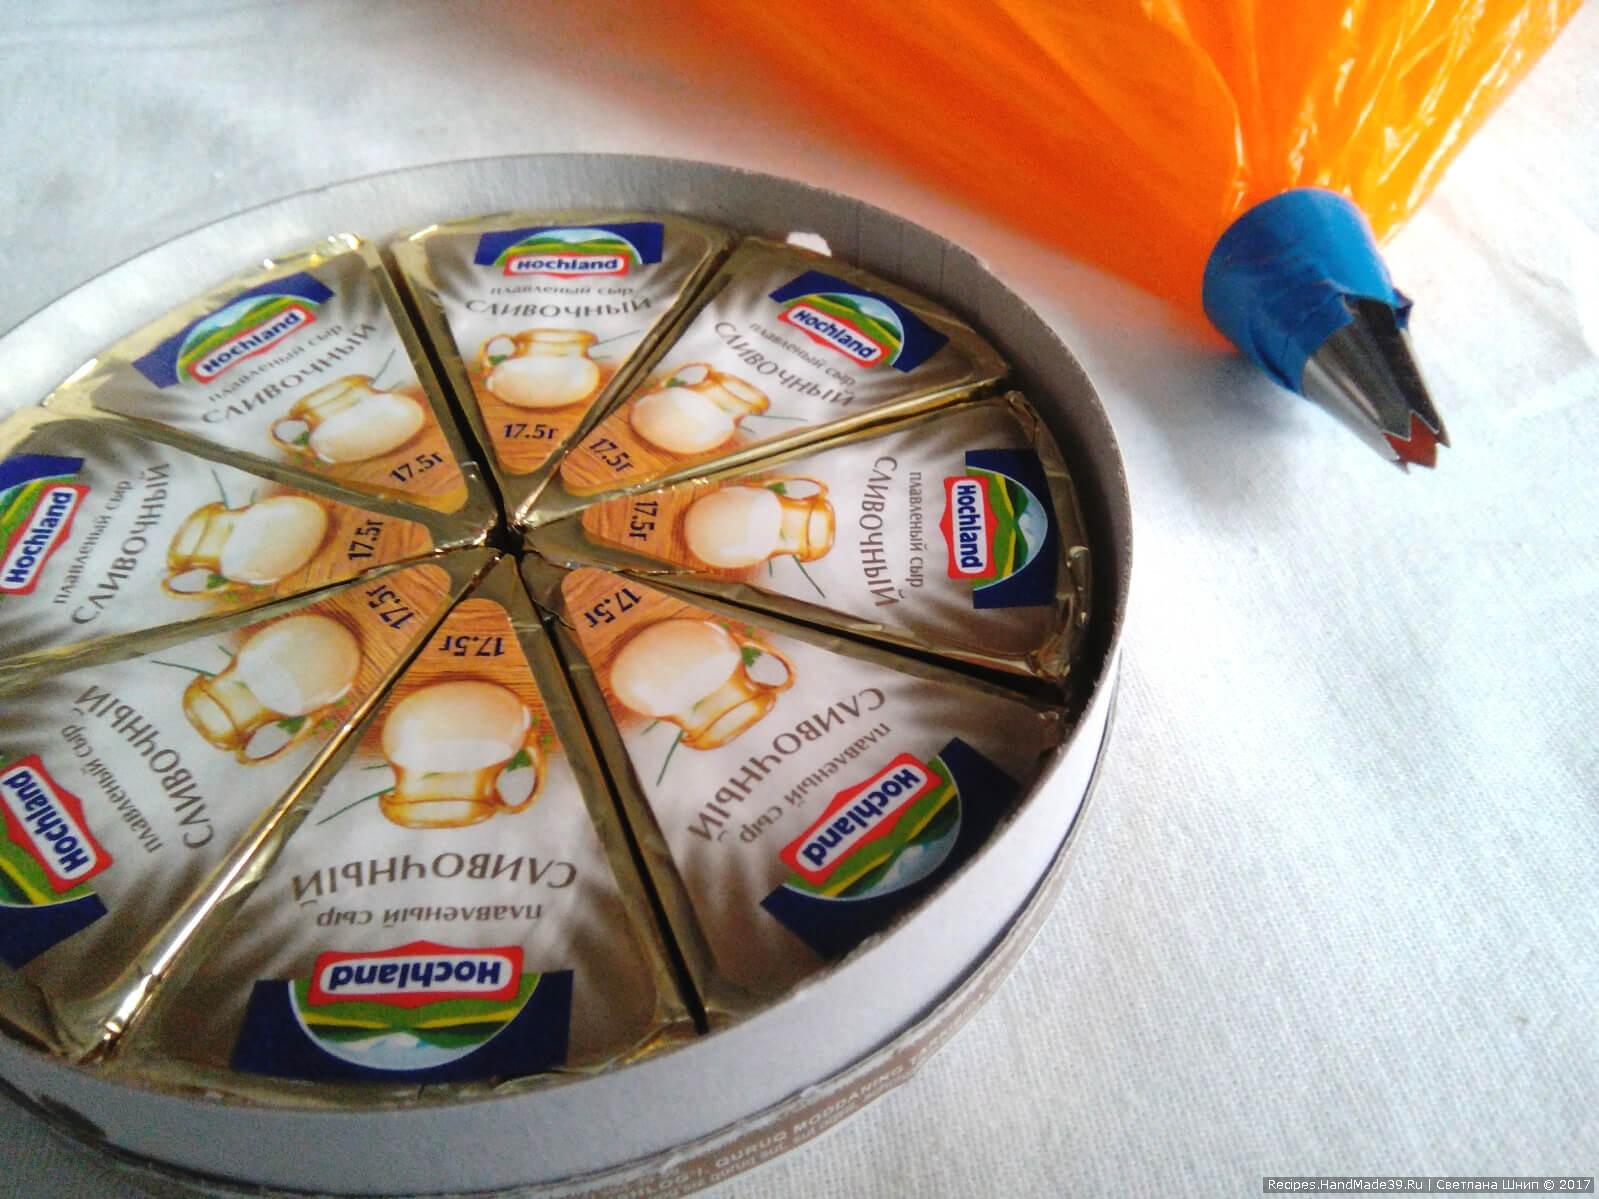 Сырок для равномерного распределения выдавить из мешка насадкой для крема